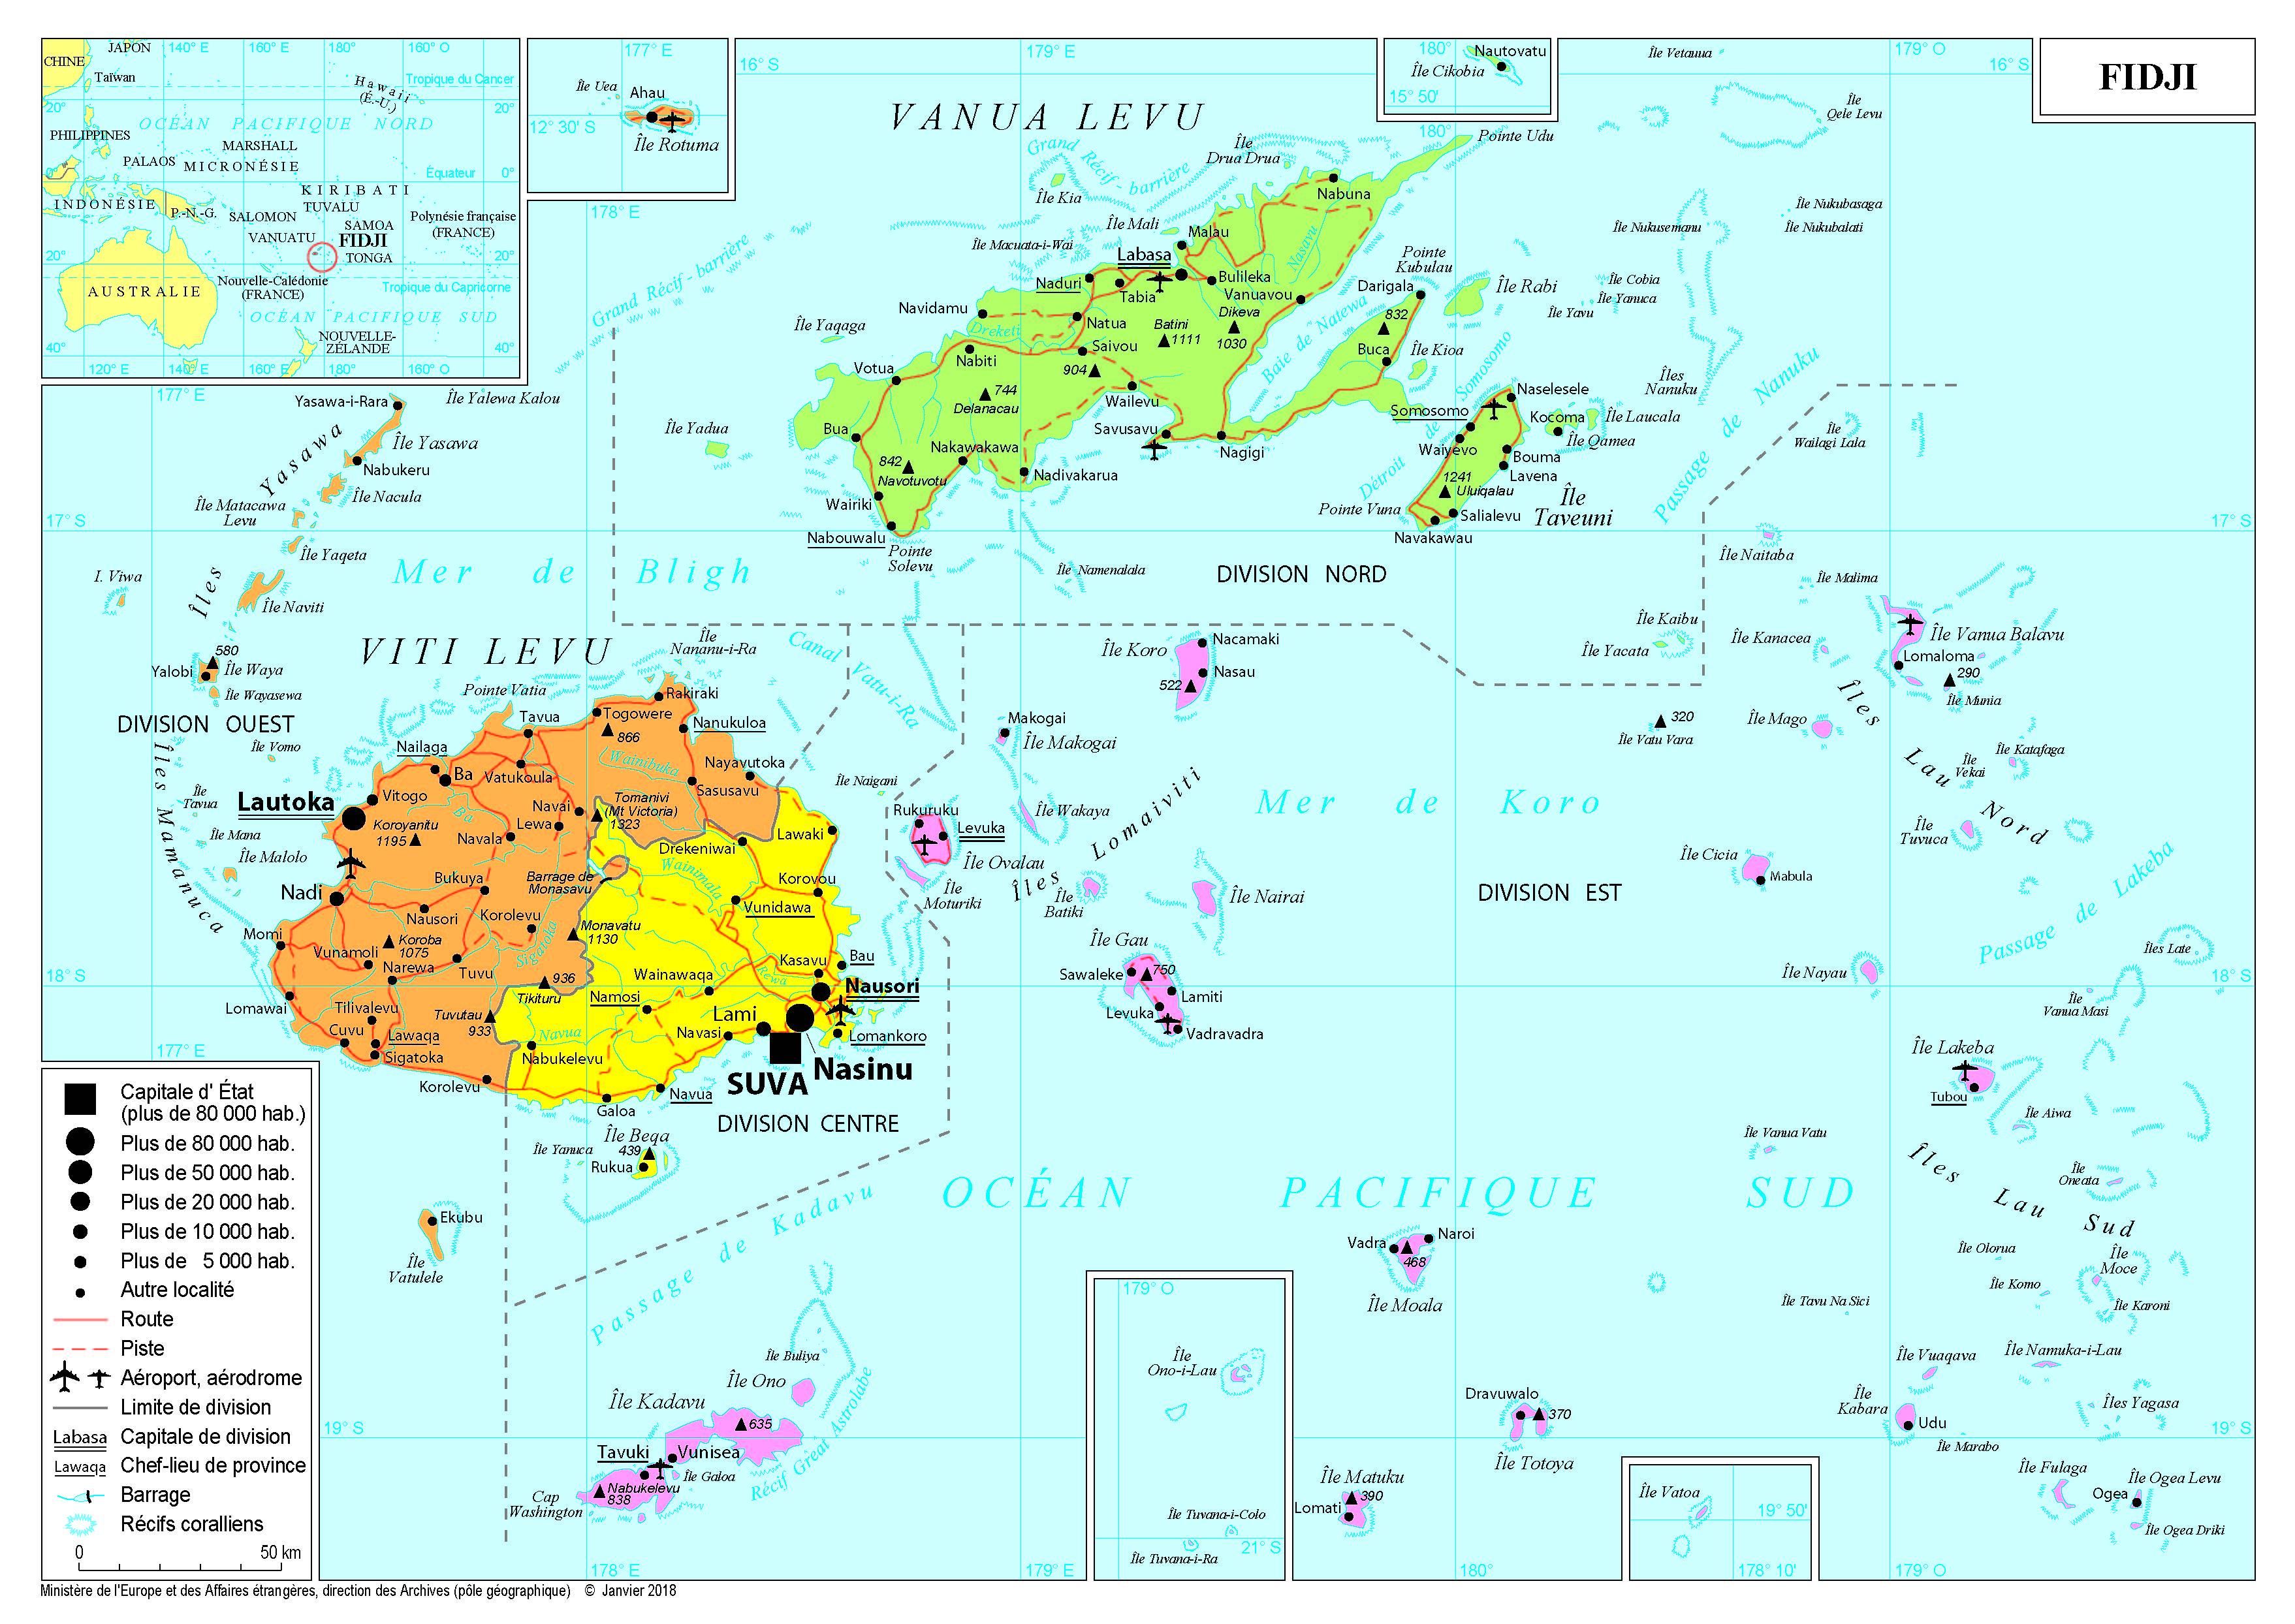 Carte Australie Et Iles Fidji.Presentation Des Fidji